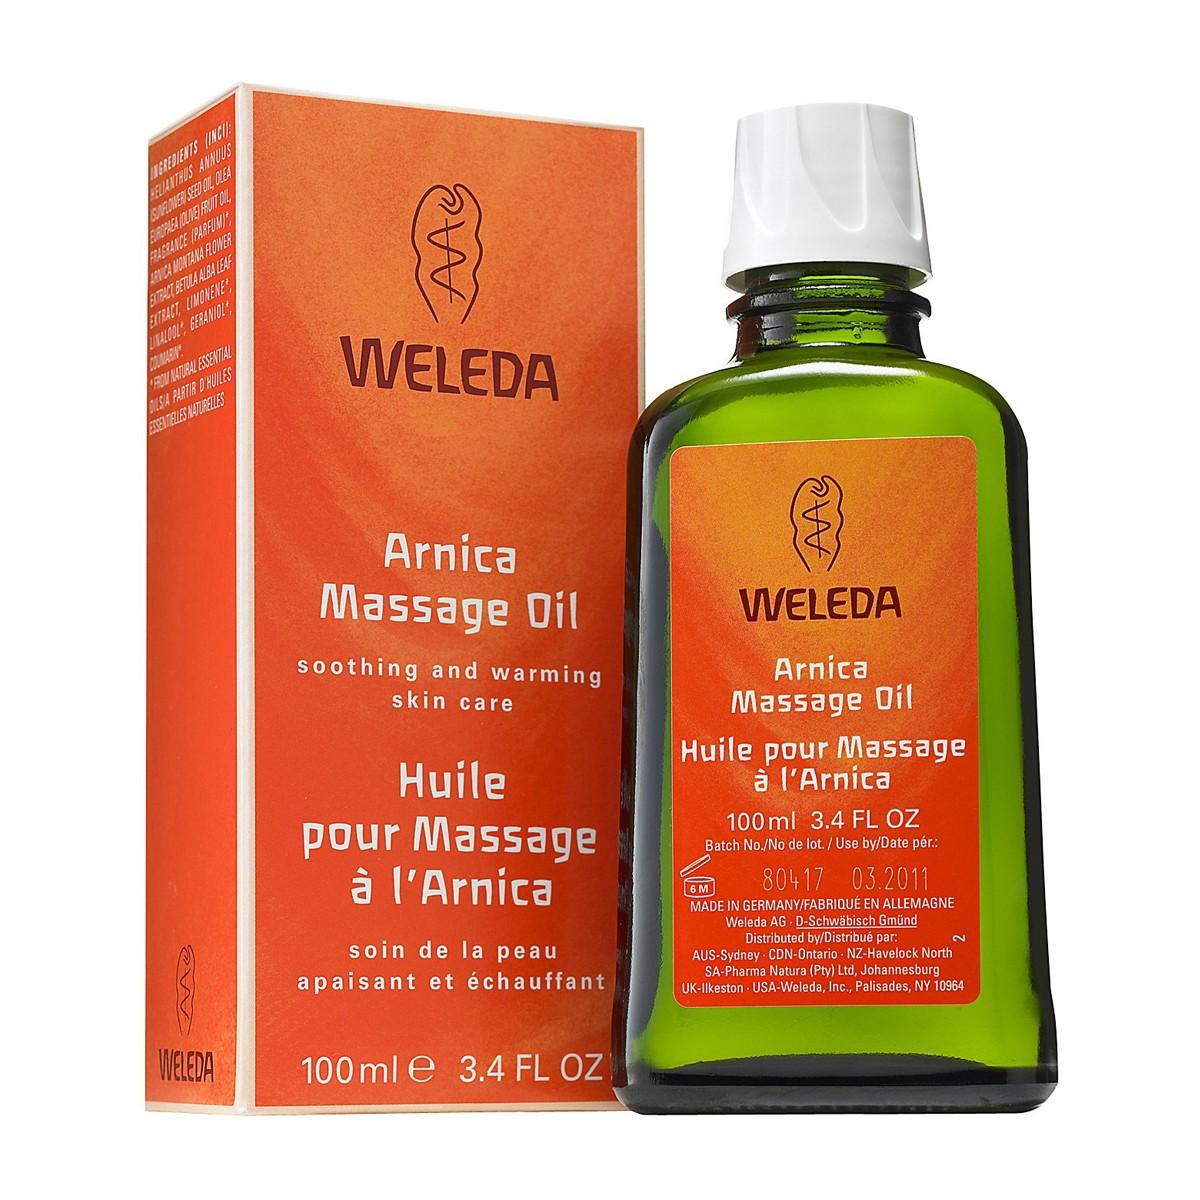 Oleo Weleda Betula Arnica 100ml